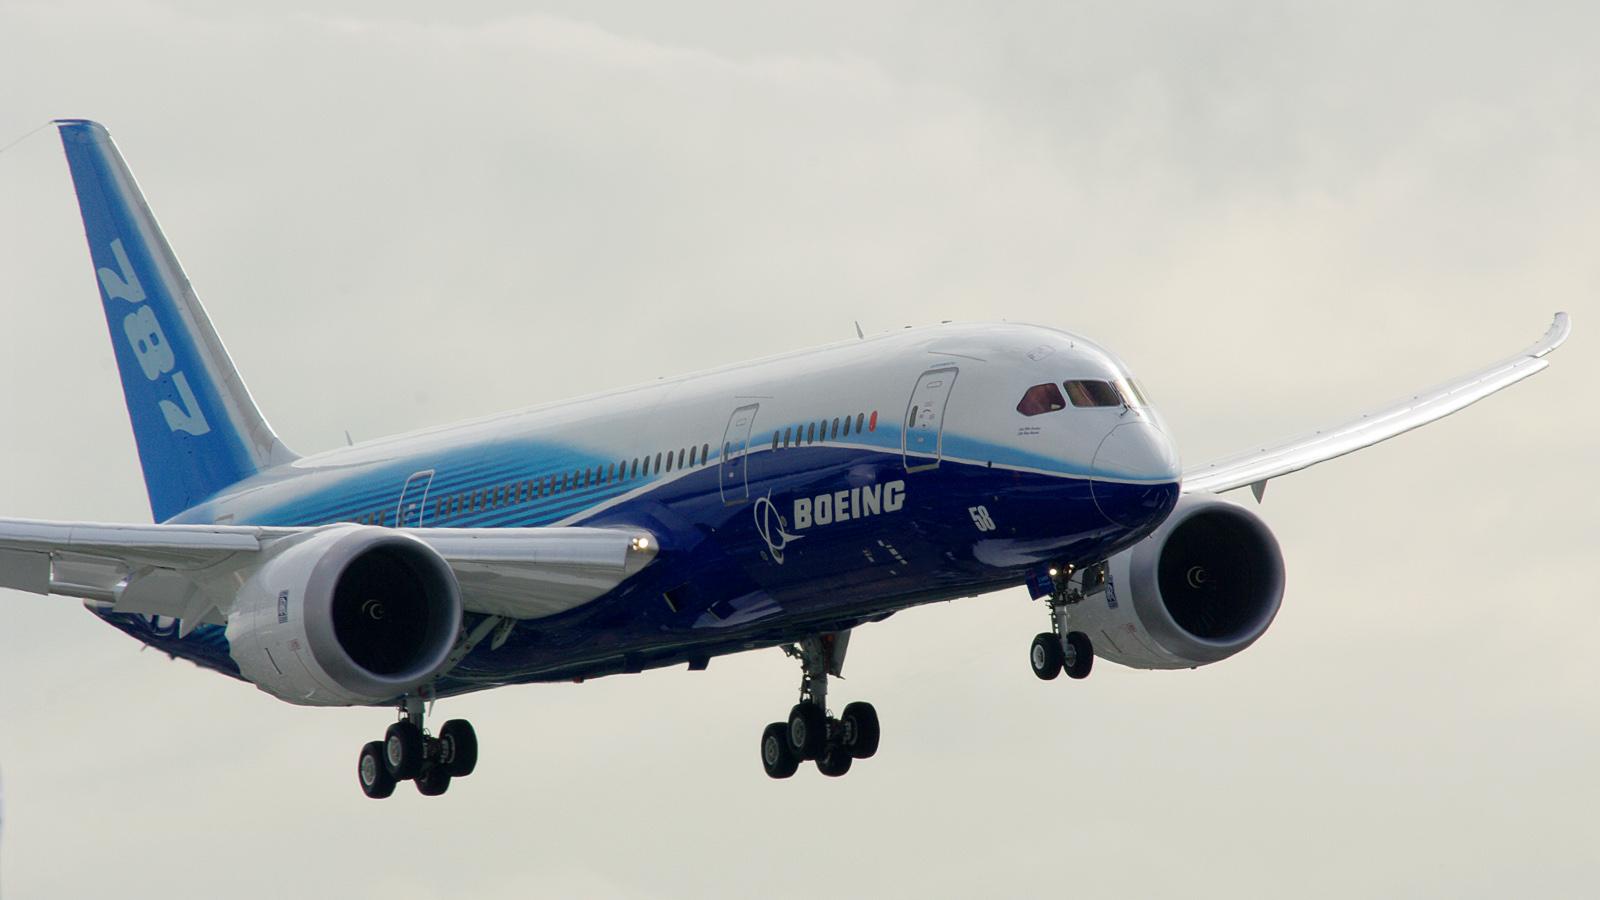 http://2.bp.blogspot.com/-SBLDf98vNjo/UQHf_6y2OPI/AAAAAAAAOr4/jhOZ3U0RGUM/s1600/kenya_airways_boeing_787_dreamliner.jpg